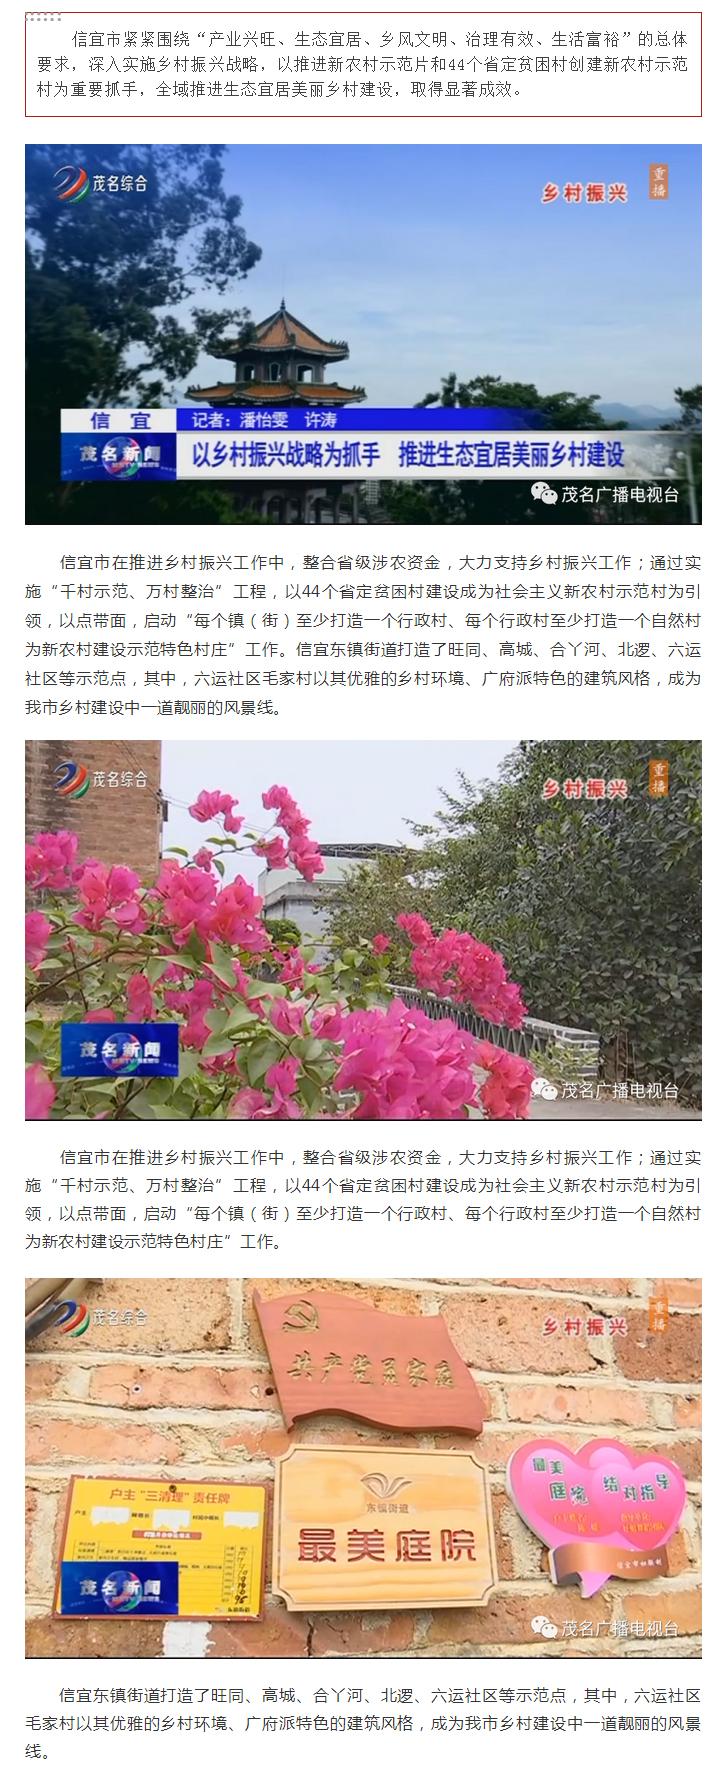 信宜实施乡村振兴战略 推进生态宜居美丽乡村建设.jpg